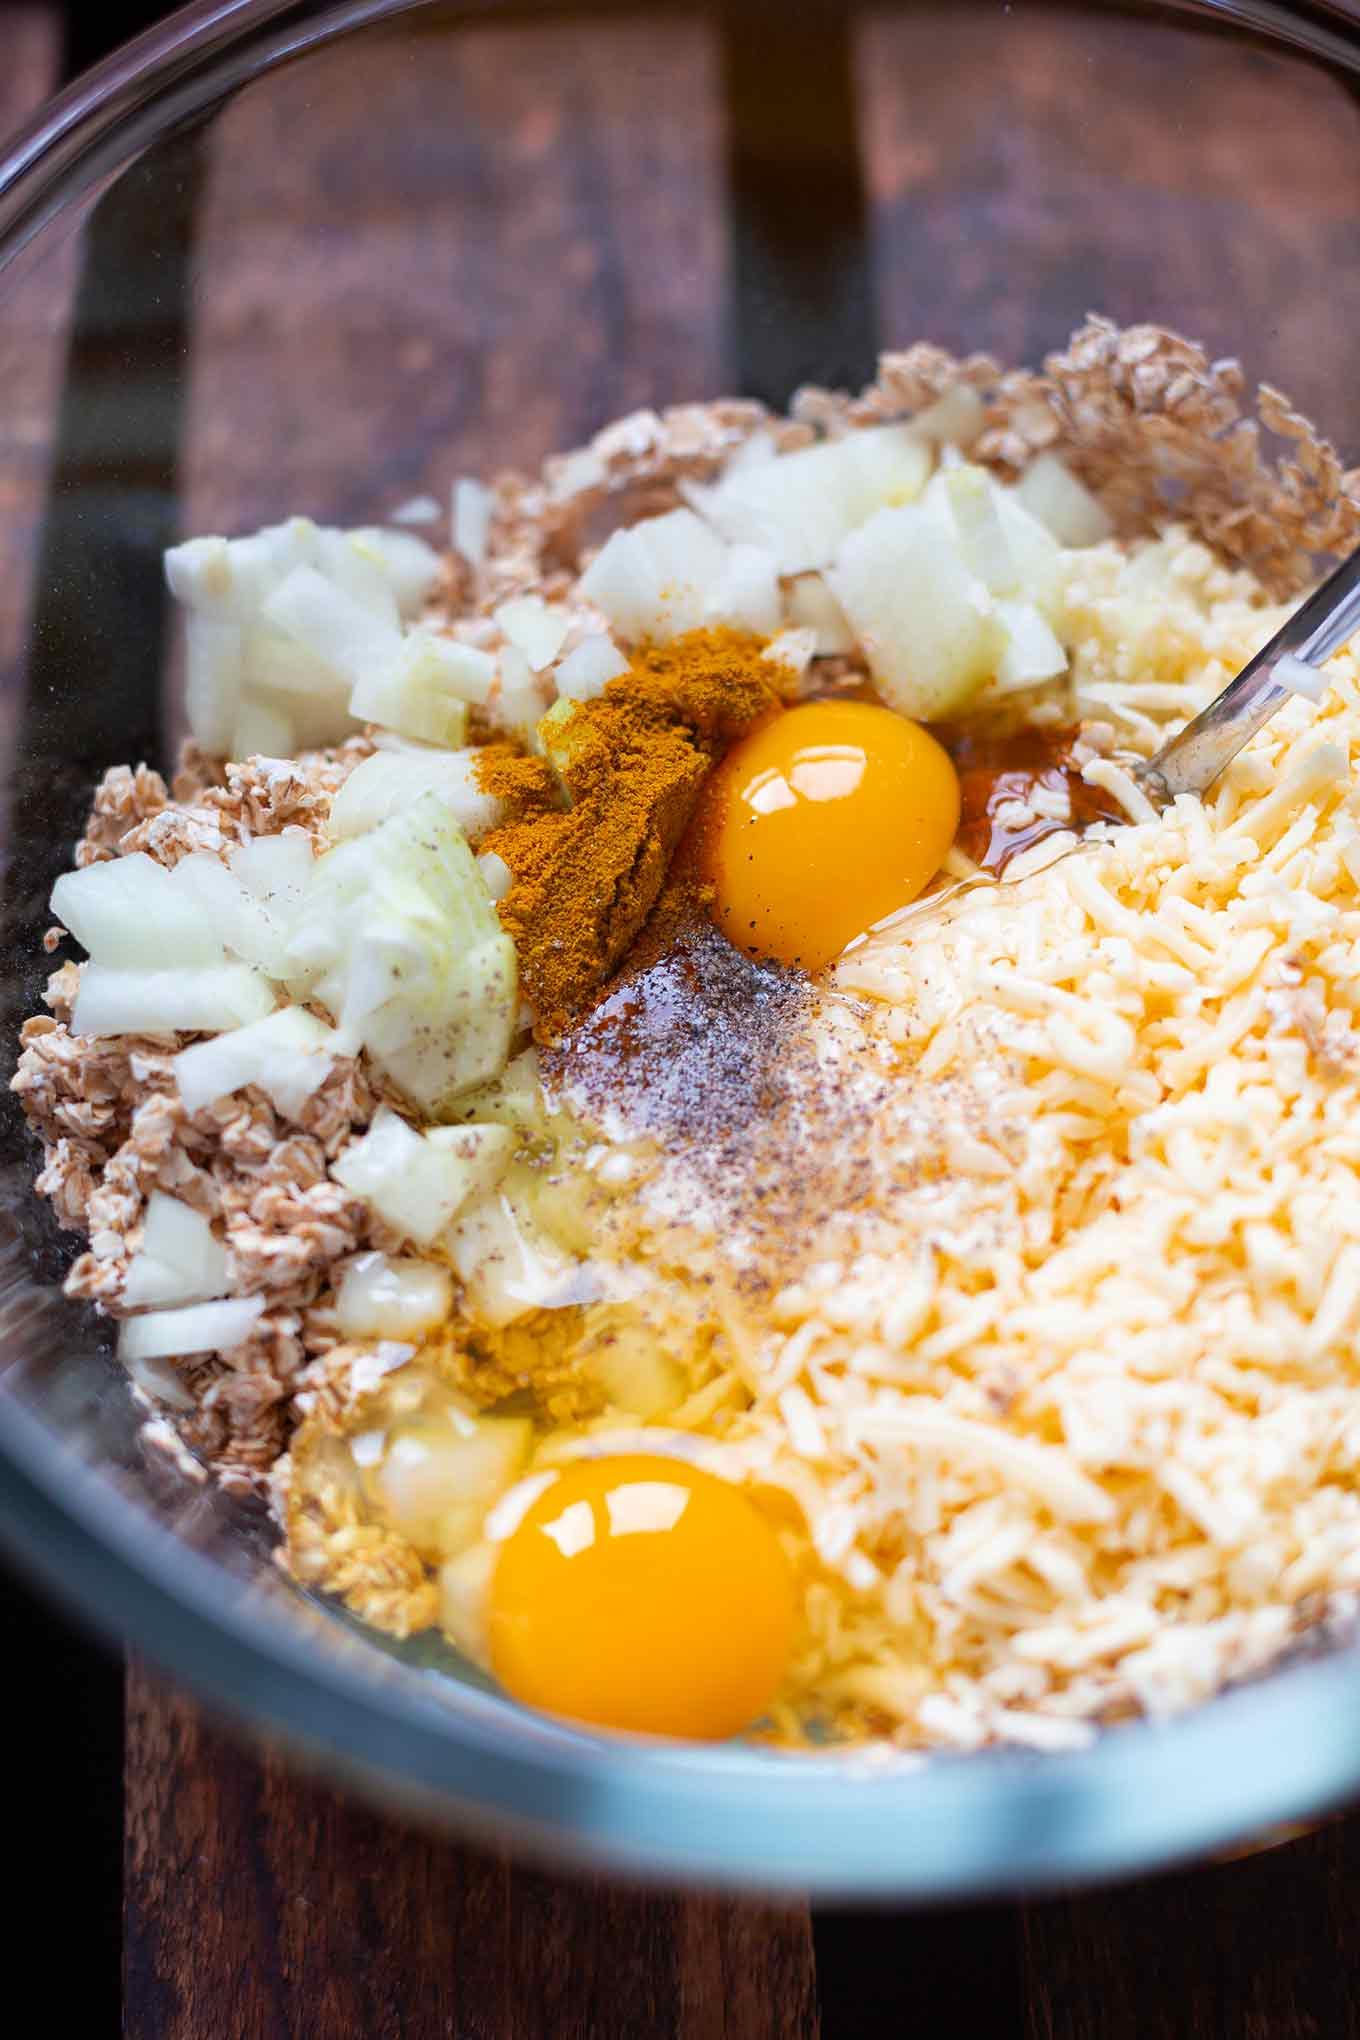 Schnelle Veggie Frikadellen Deluxe - Kochkarussell über Einfache Schnelle Rezepte Ohne Fleisch